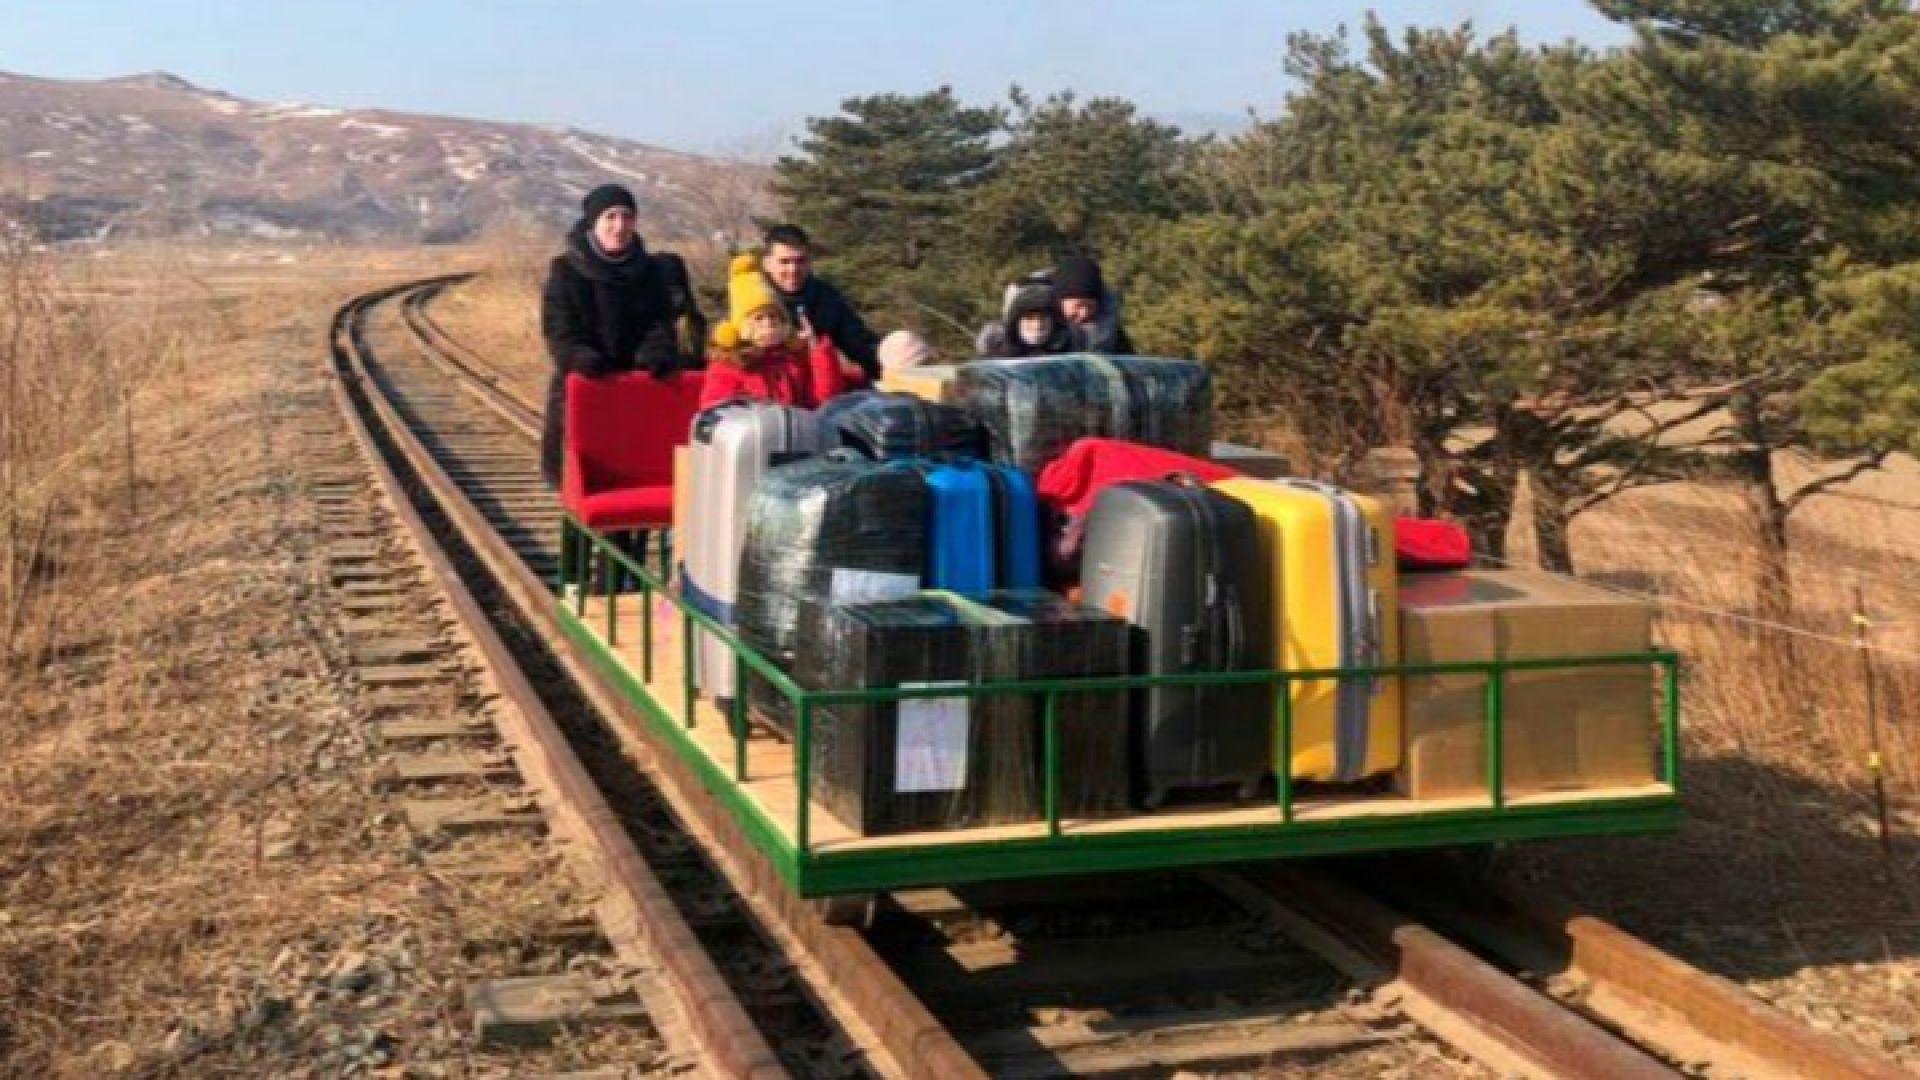 Руски дипломати и семействата им напуснаха Северна Корея с ръчна дрезина (видео)